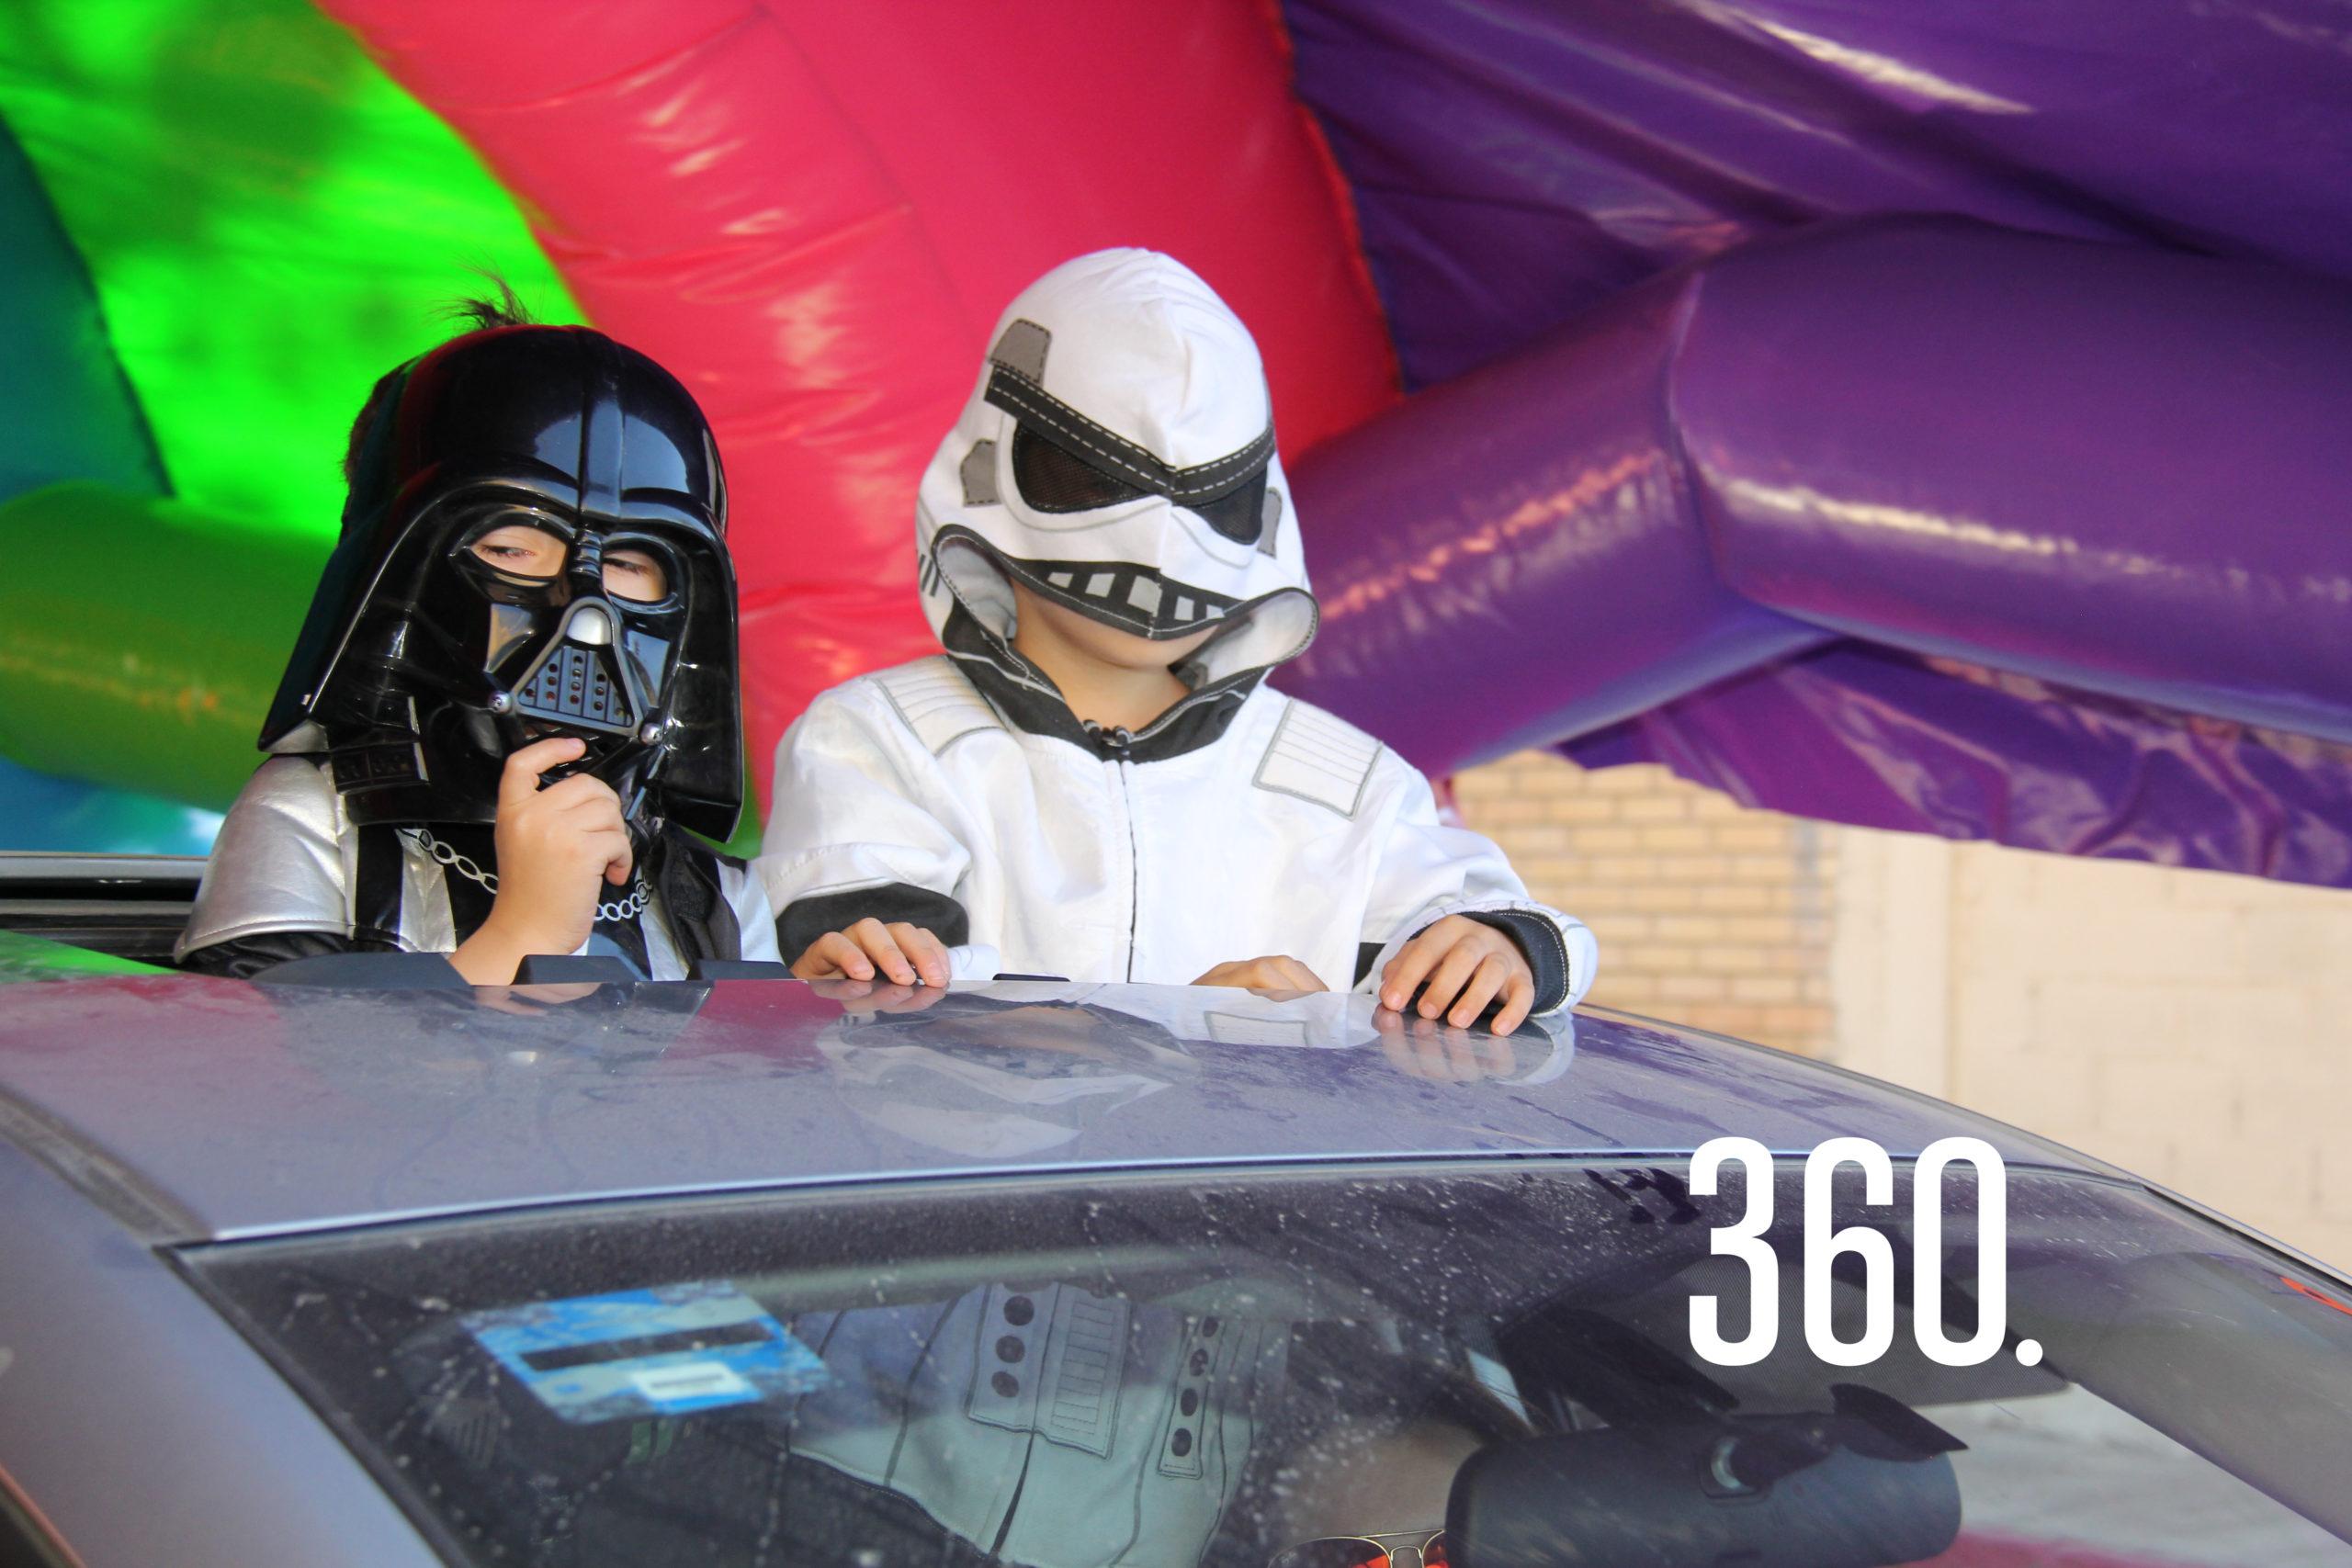 David y Diego Marín, disfrazados de Darth Vader y un Stormtrooper.